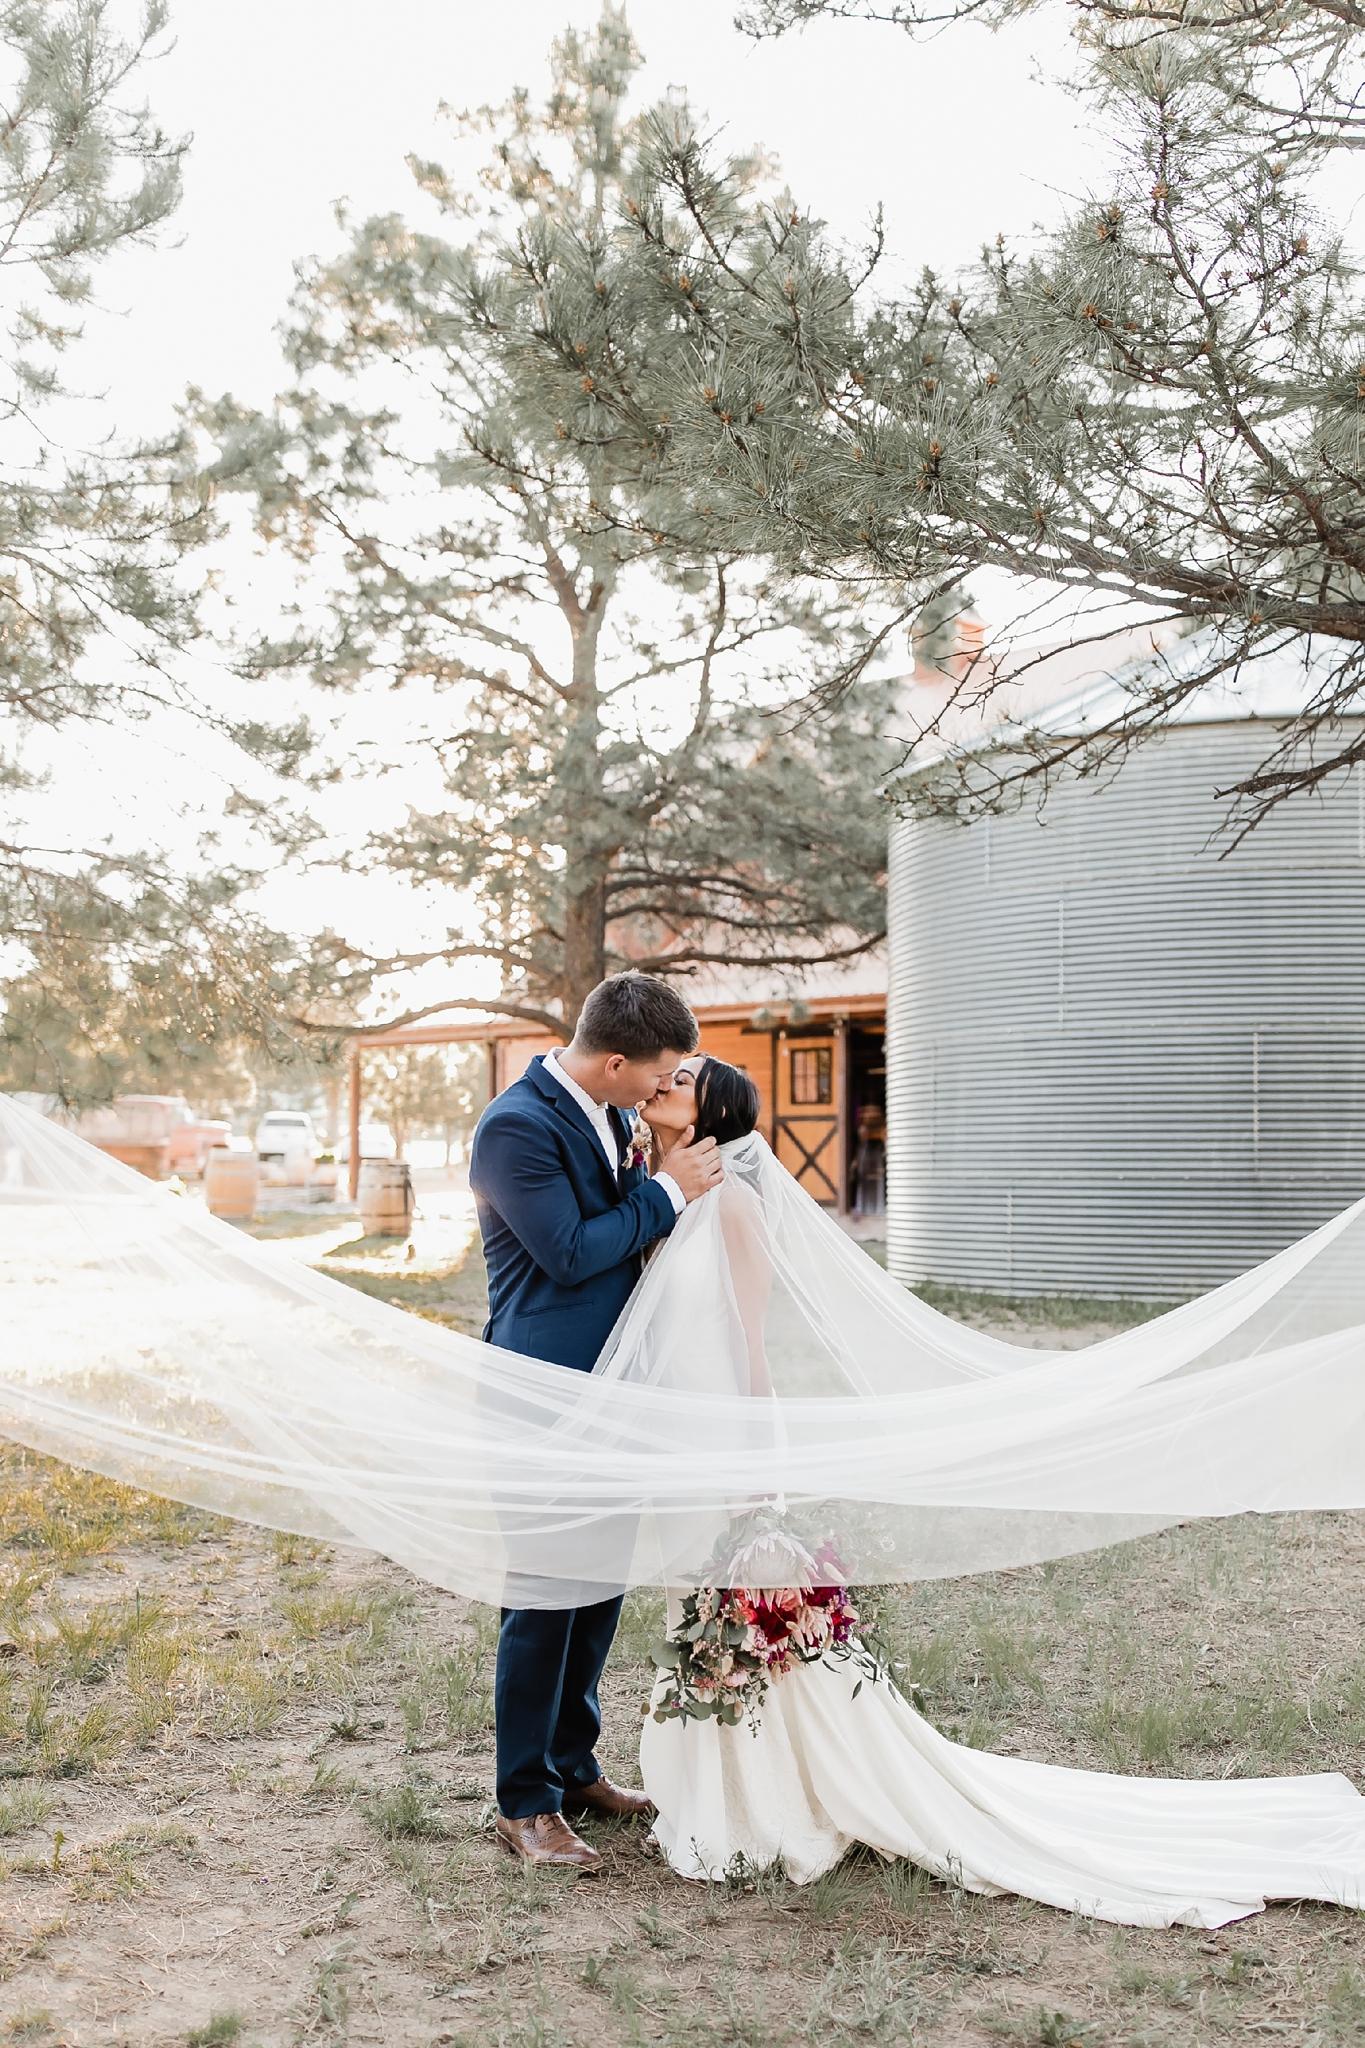 Alicia+lucia+photography+-+albuquerque+wedding+photographer+-+santa+fe+wedding+photography+-+new+mexico+wedding+photographer+-+new+mexico+wedding+-+new+mexico+wedding+-+barn+wedding+-+enchanted+vine+barn+wedding+-+ruidoso+wedding_0126.jpg